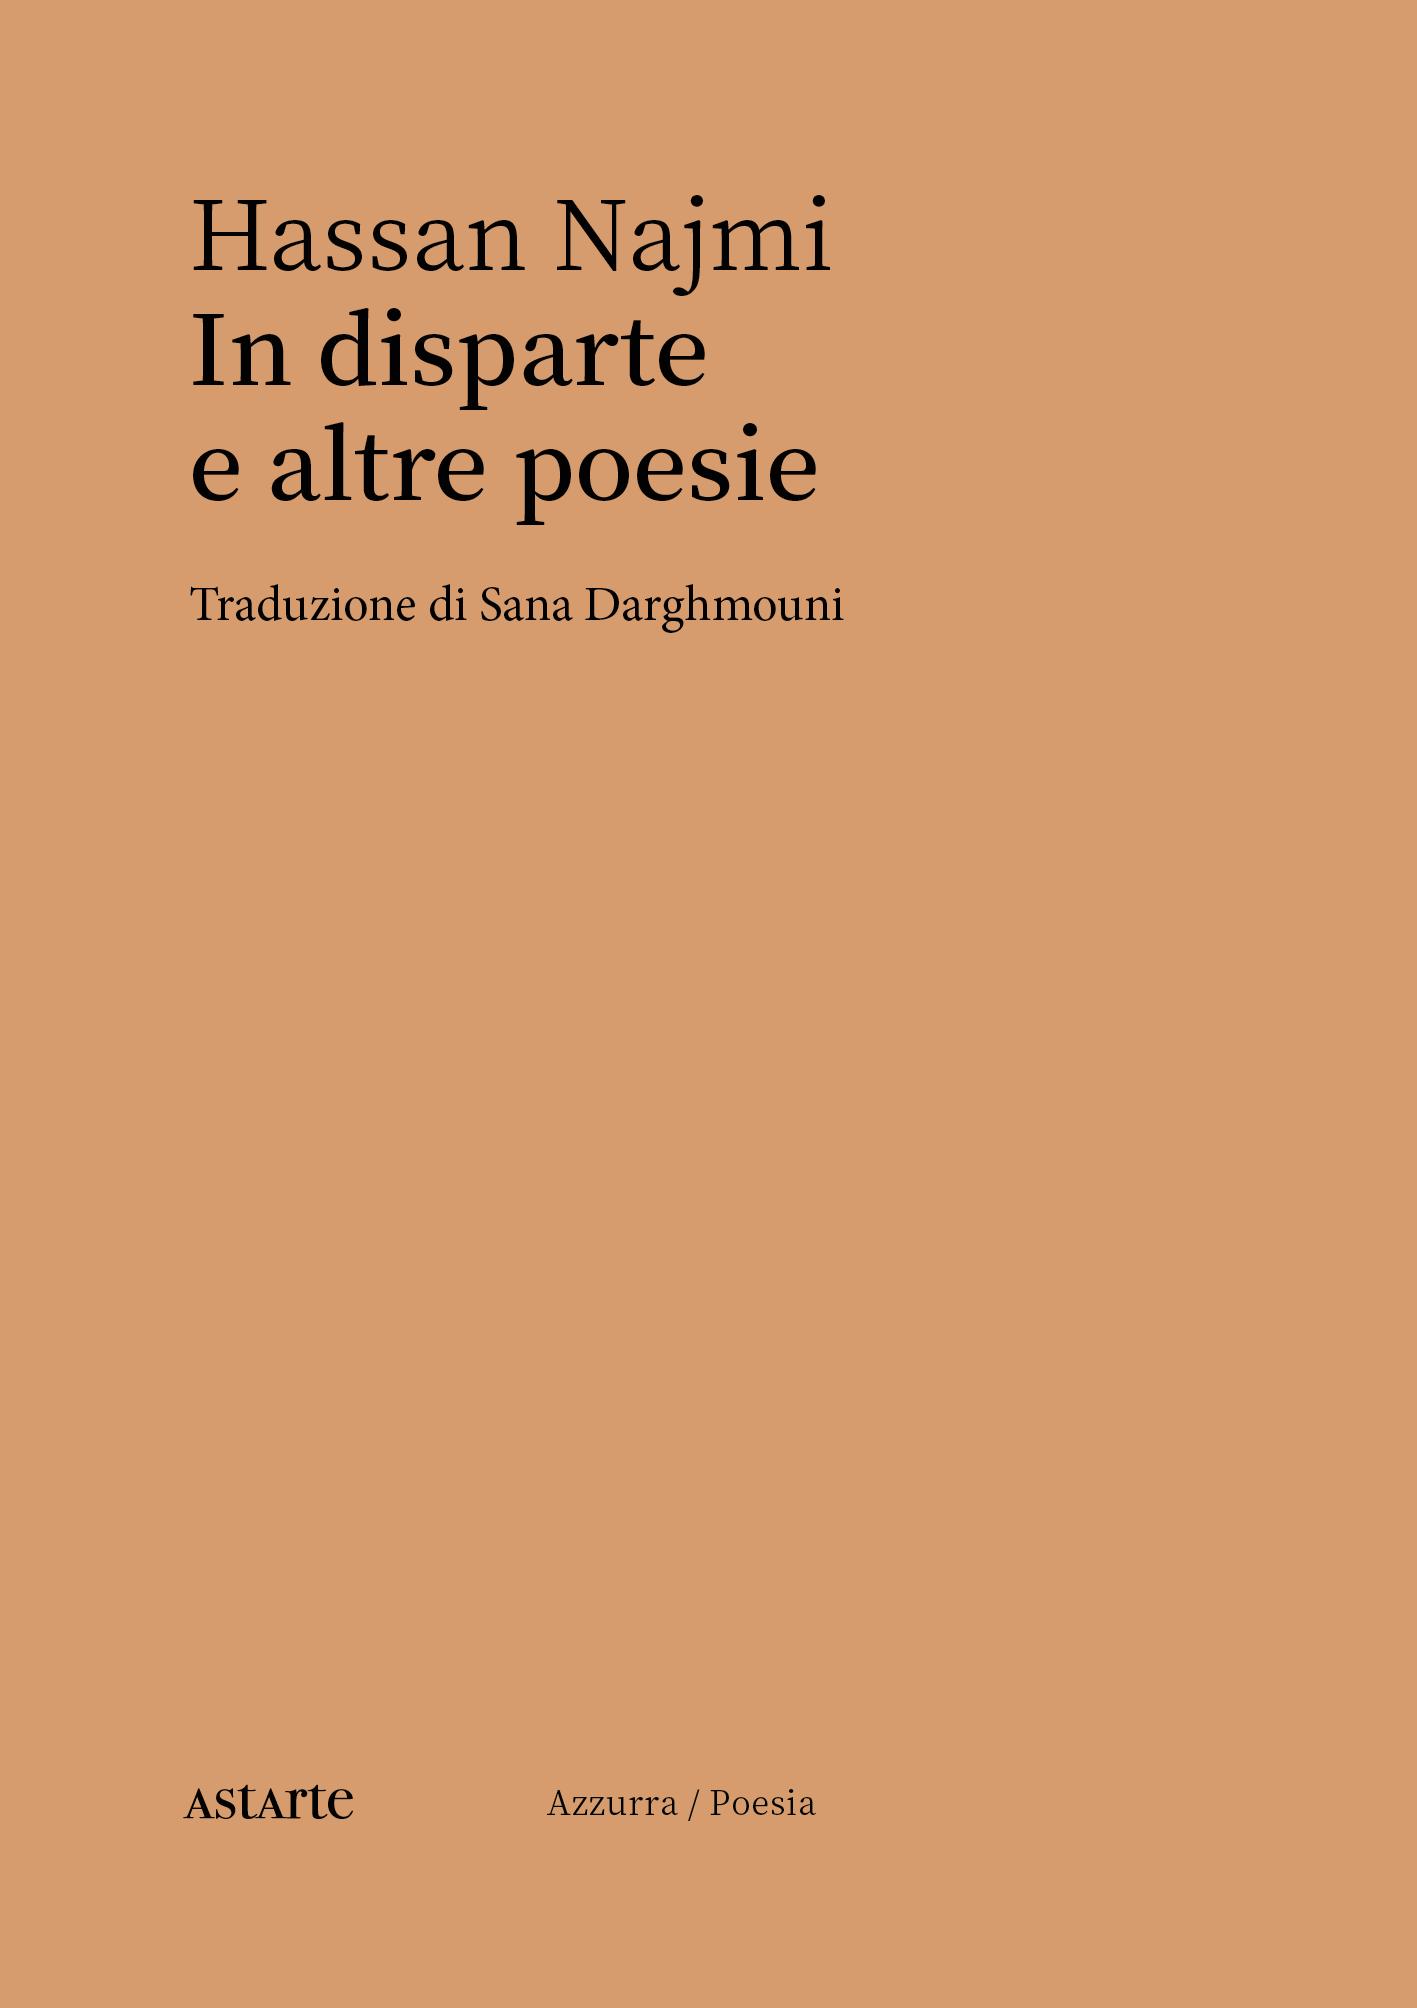 Hassan Najmi, In disparte e altre poesie, copertina